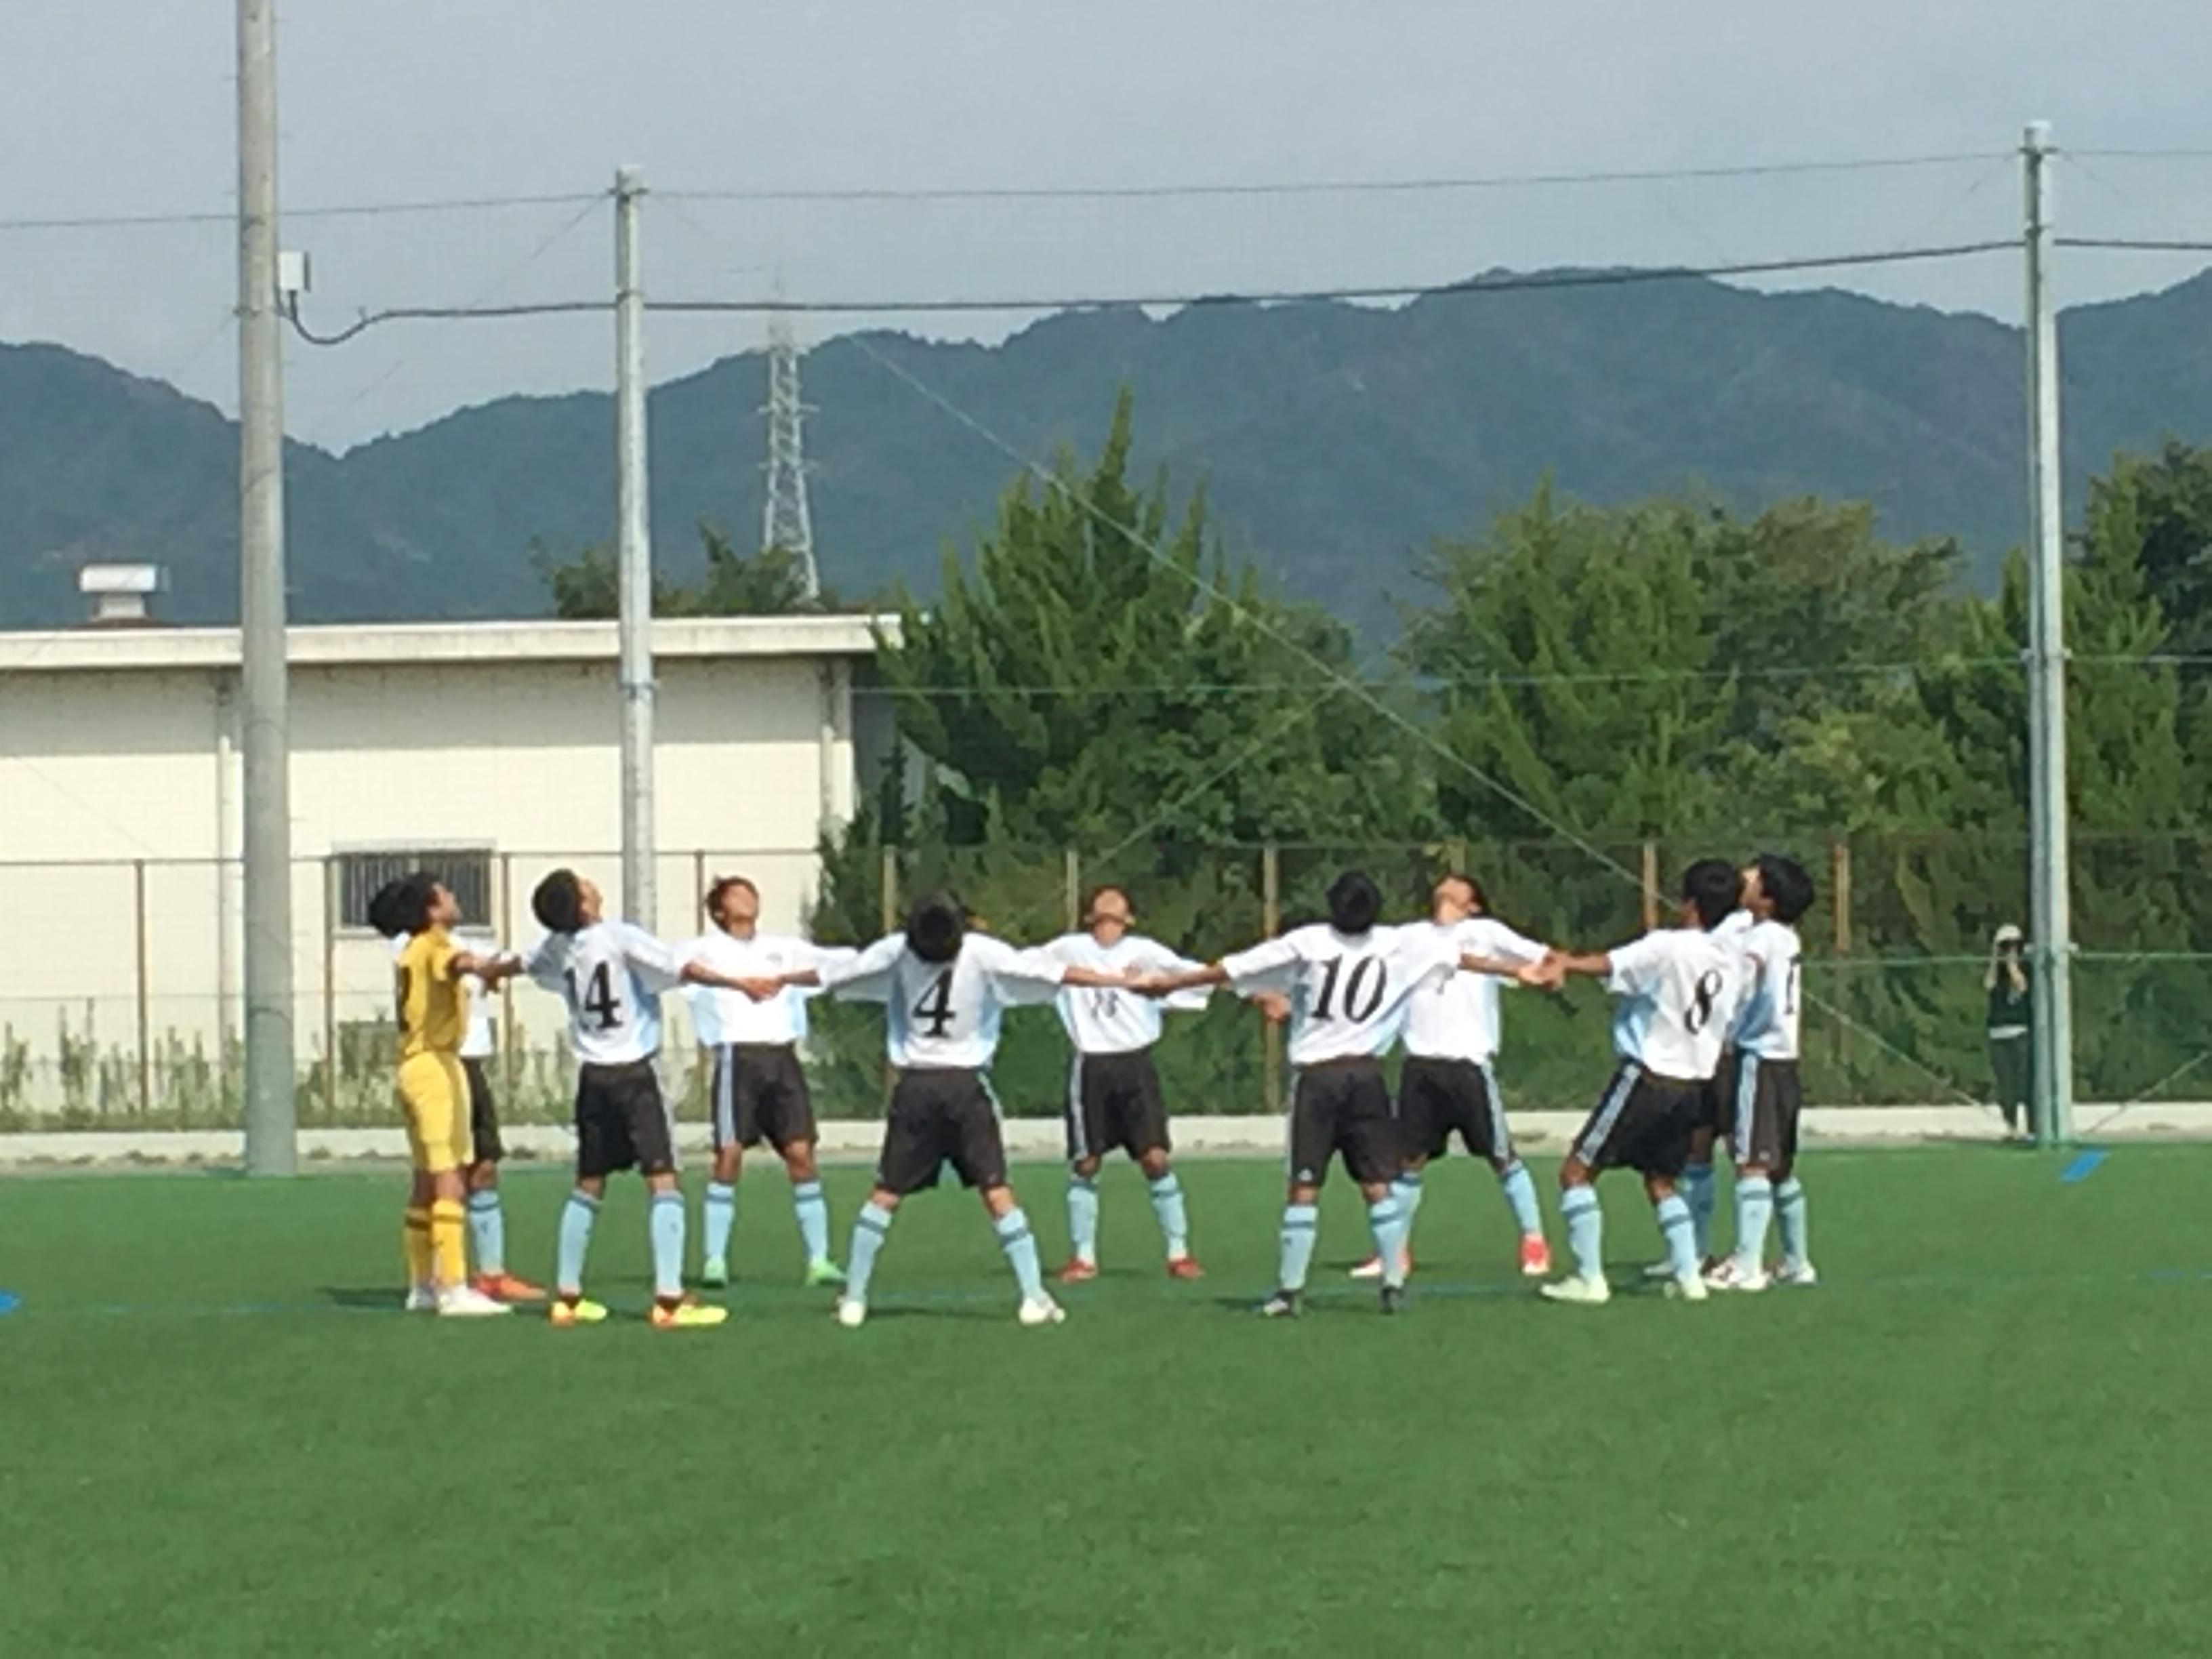 高円宮杯 奈良県U-15サッカーリーグ 2018 最終結果